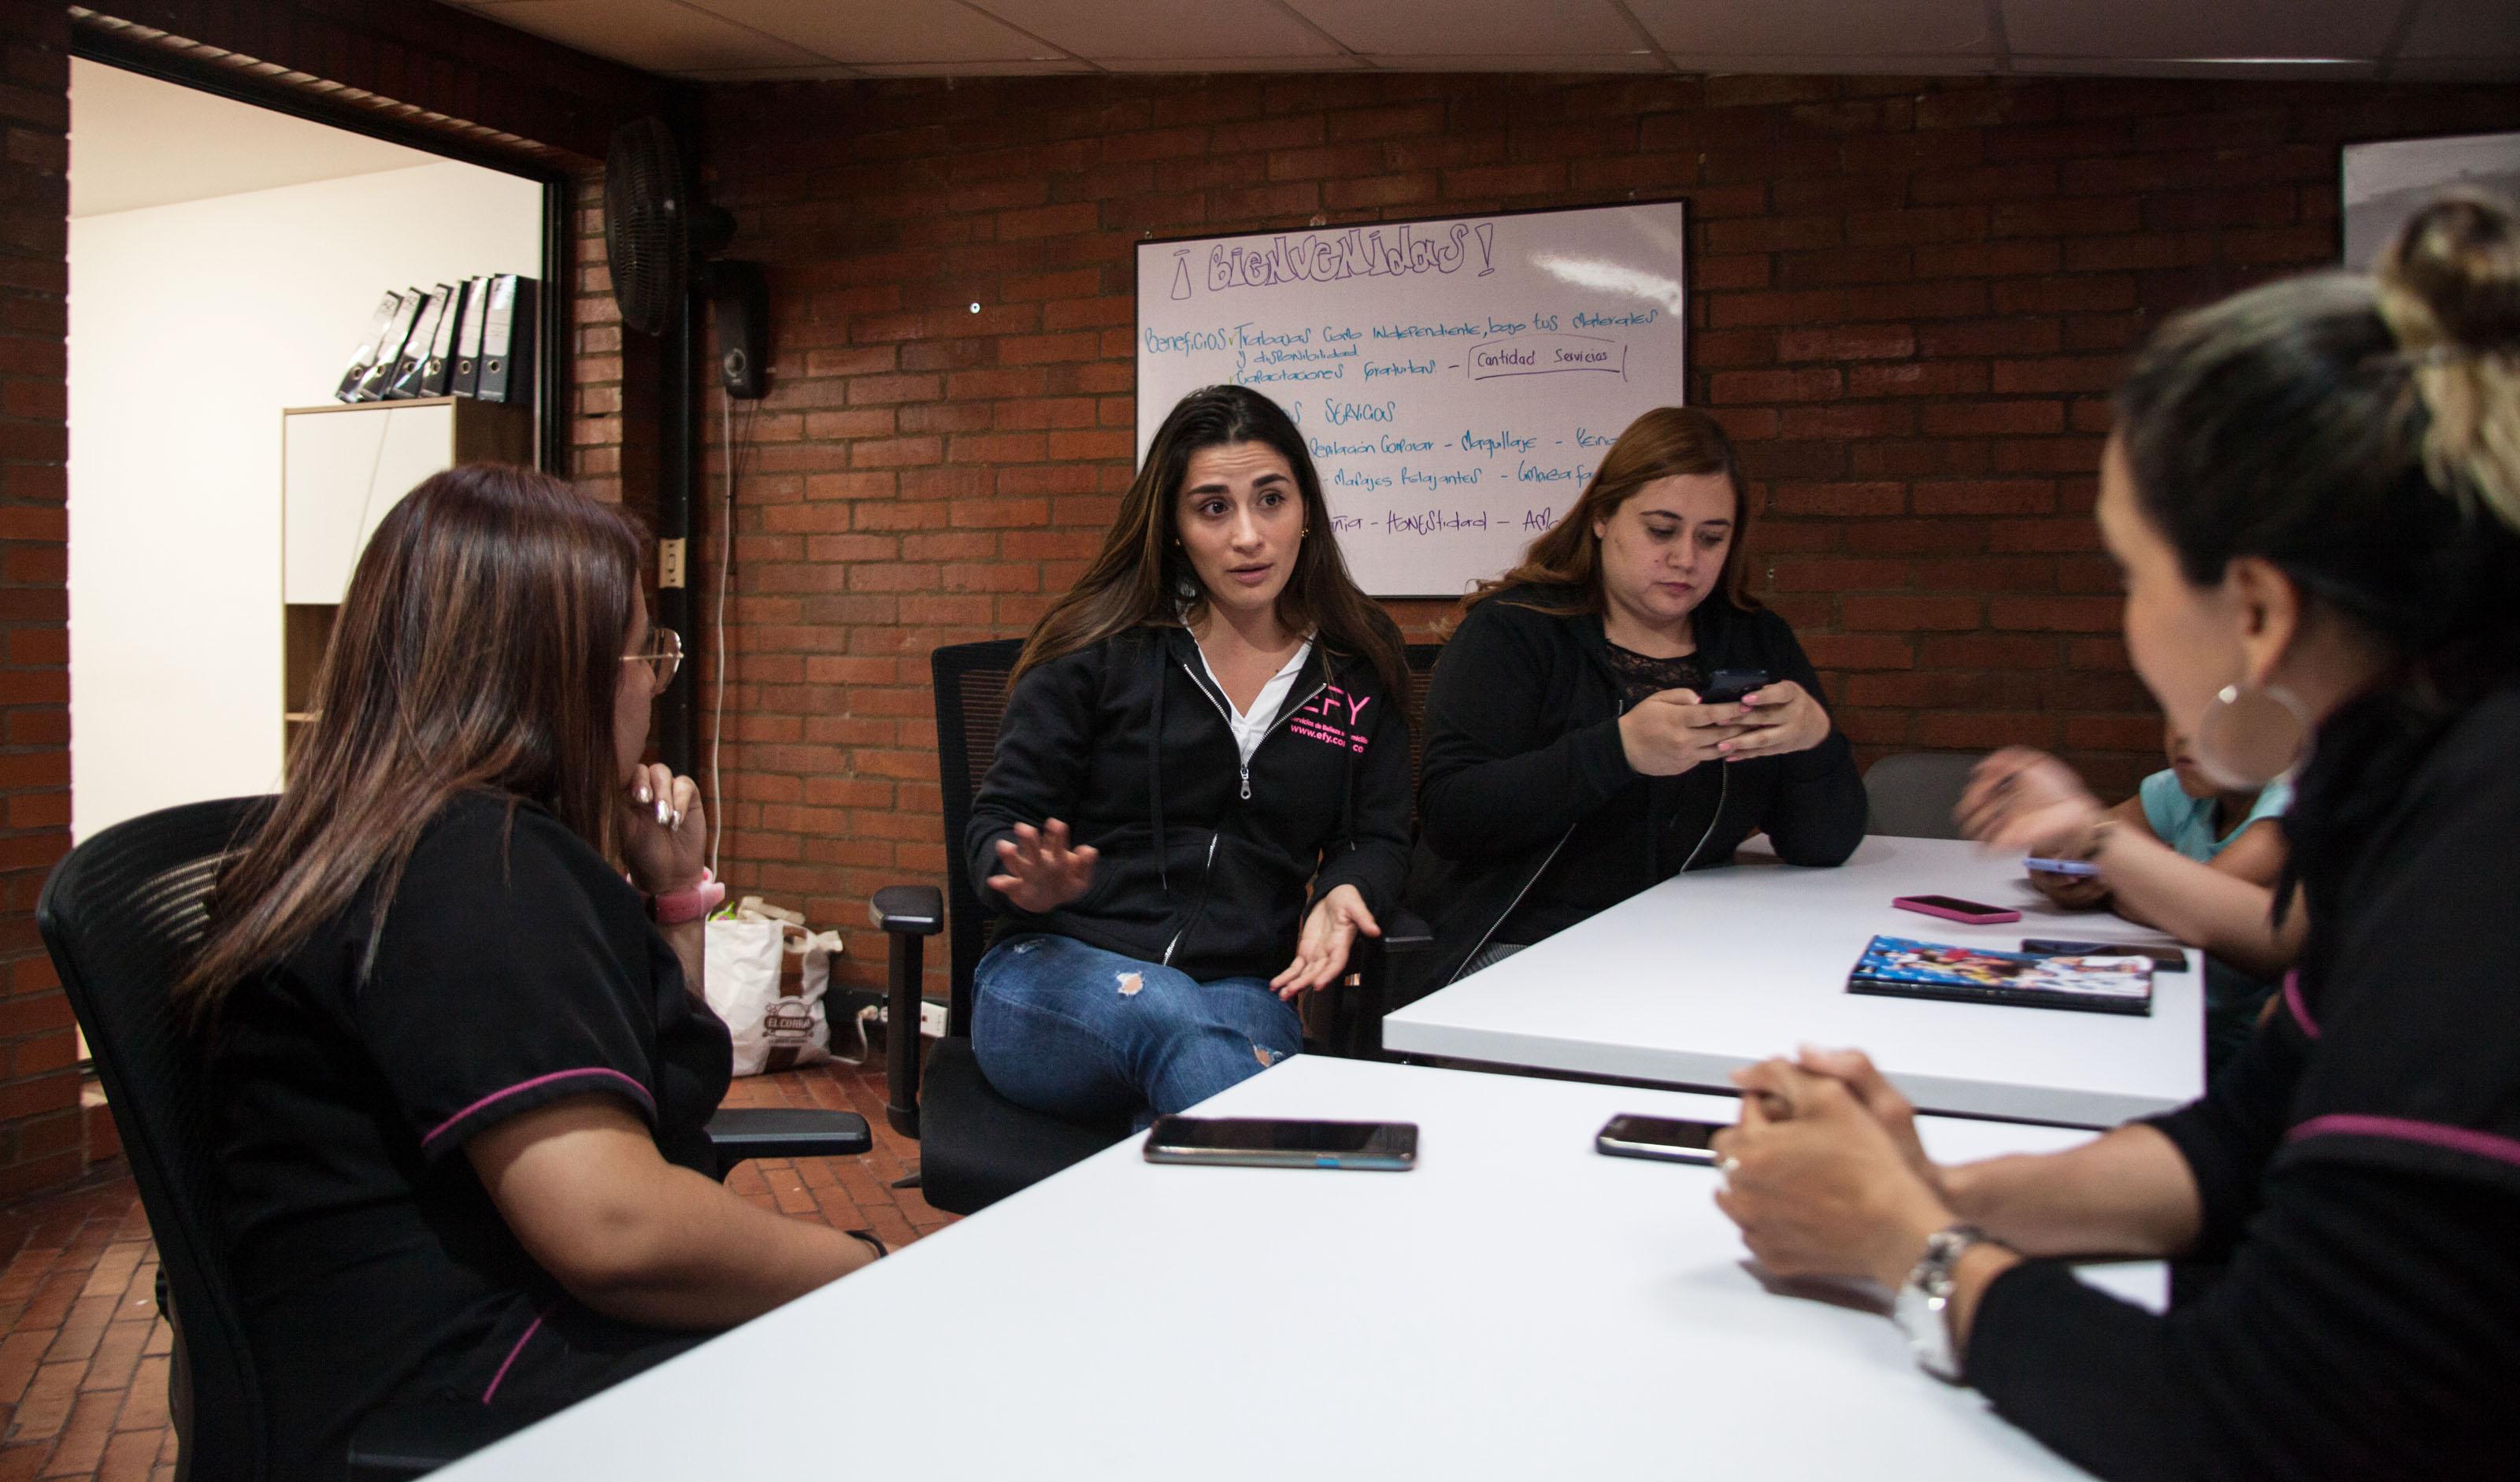 Las mujeres que hacen parte de EFY también reciben cursos de actualización en técnicas y tendencias en el área del maquillaje, las uñas y la salud en el trabajo. Foto: Jhonatan Acevedo